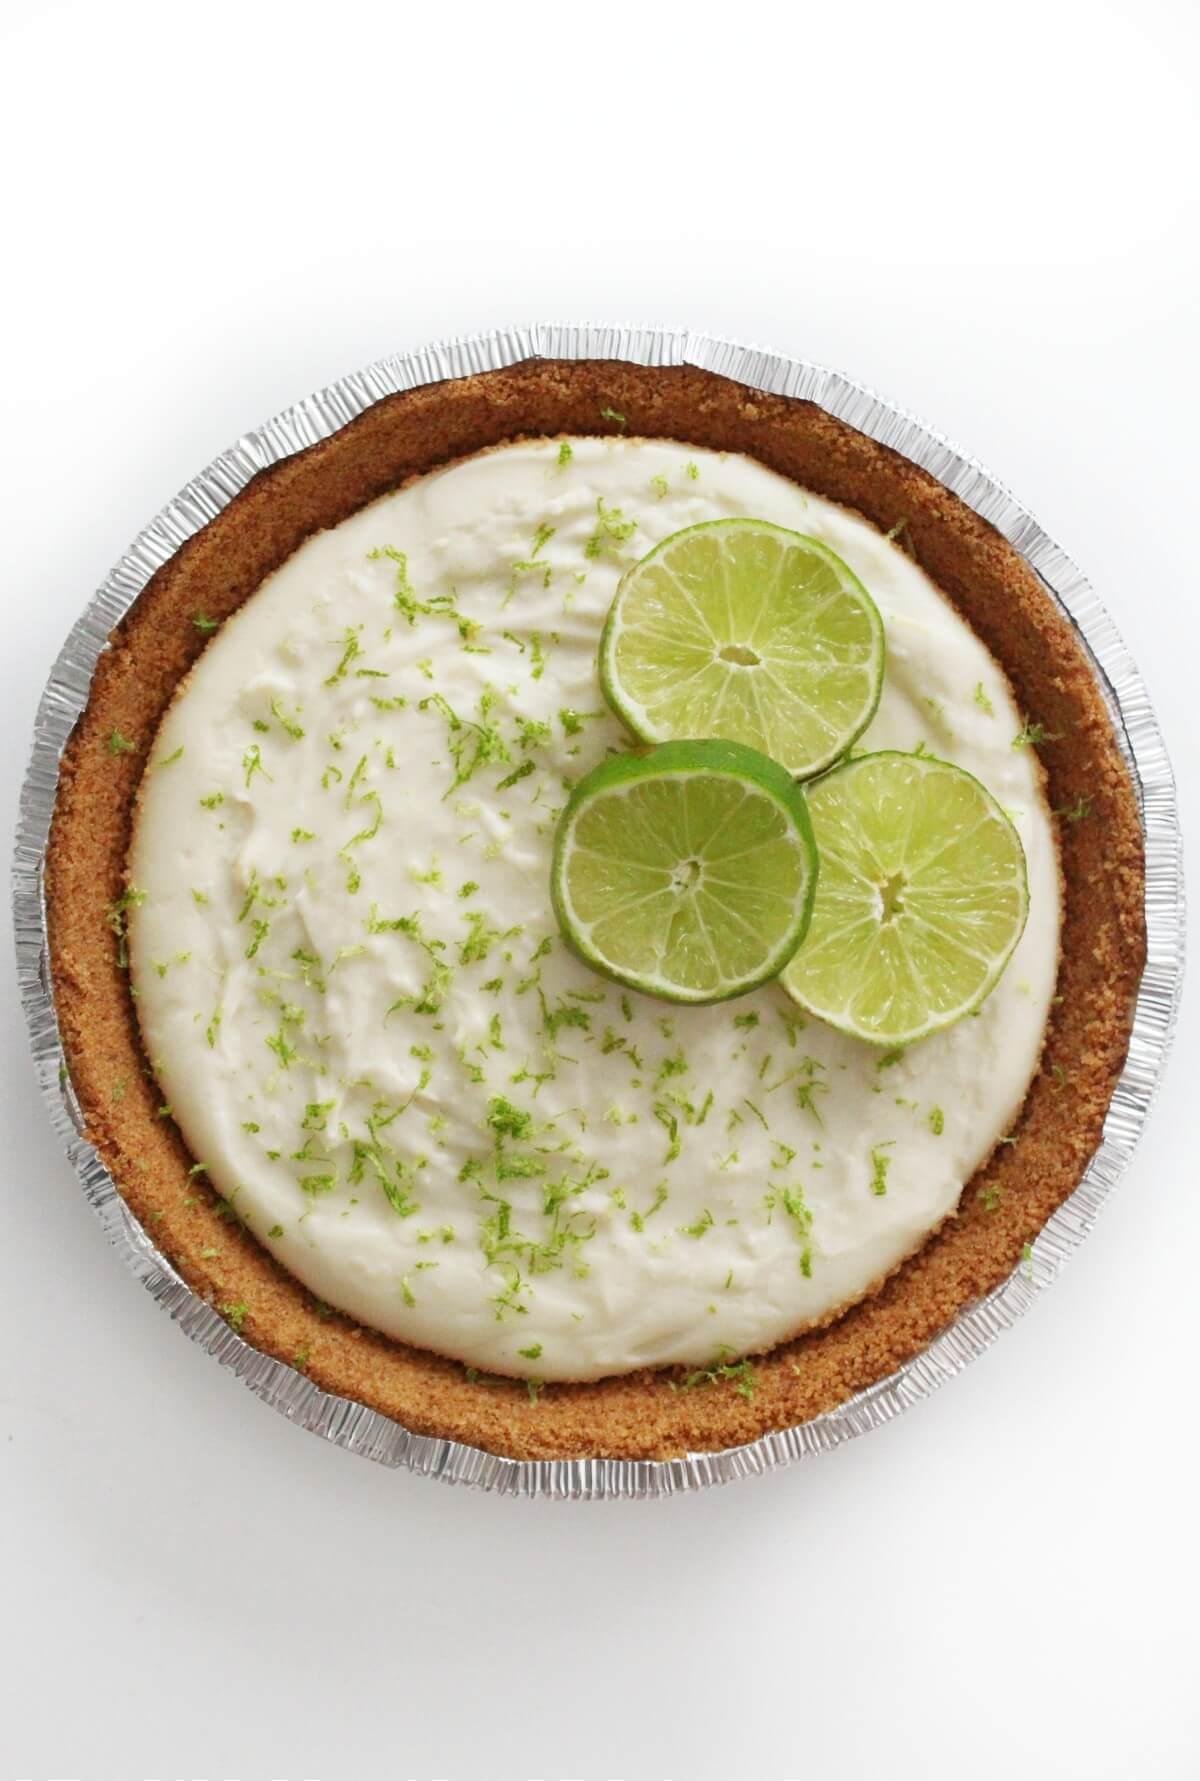 full no bake vegan key lime pie in foil dish